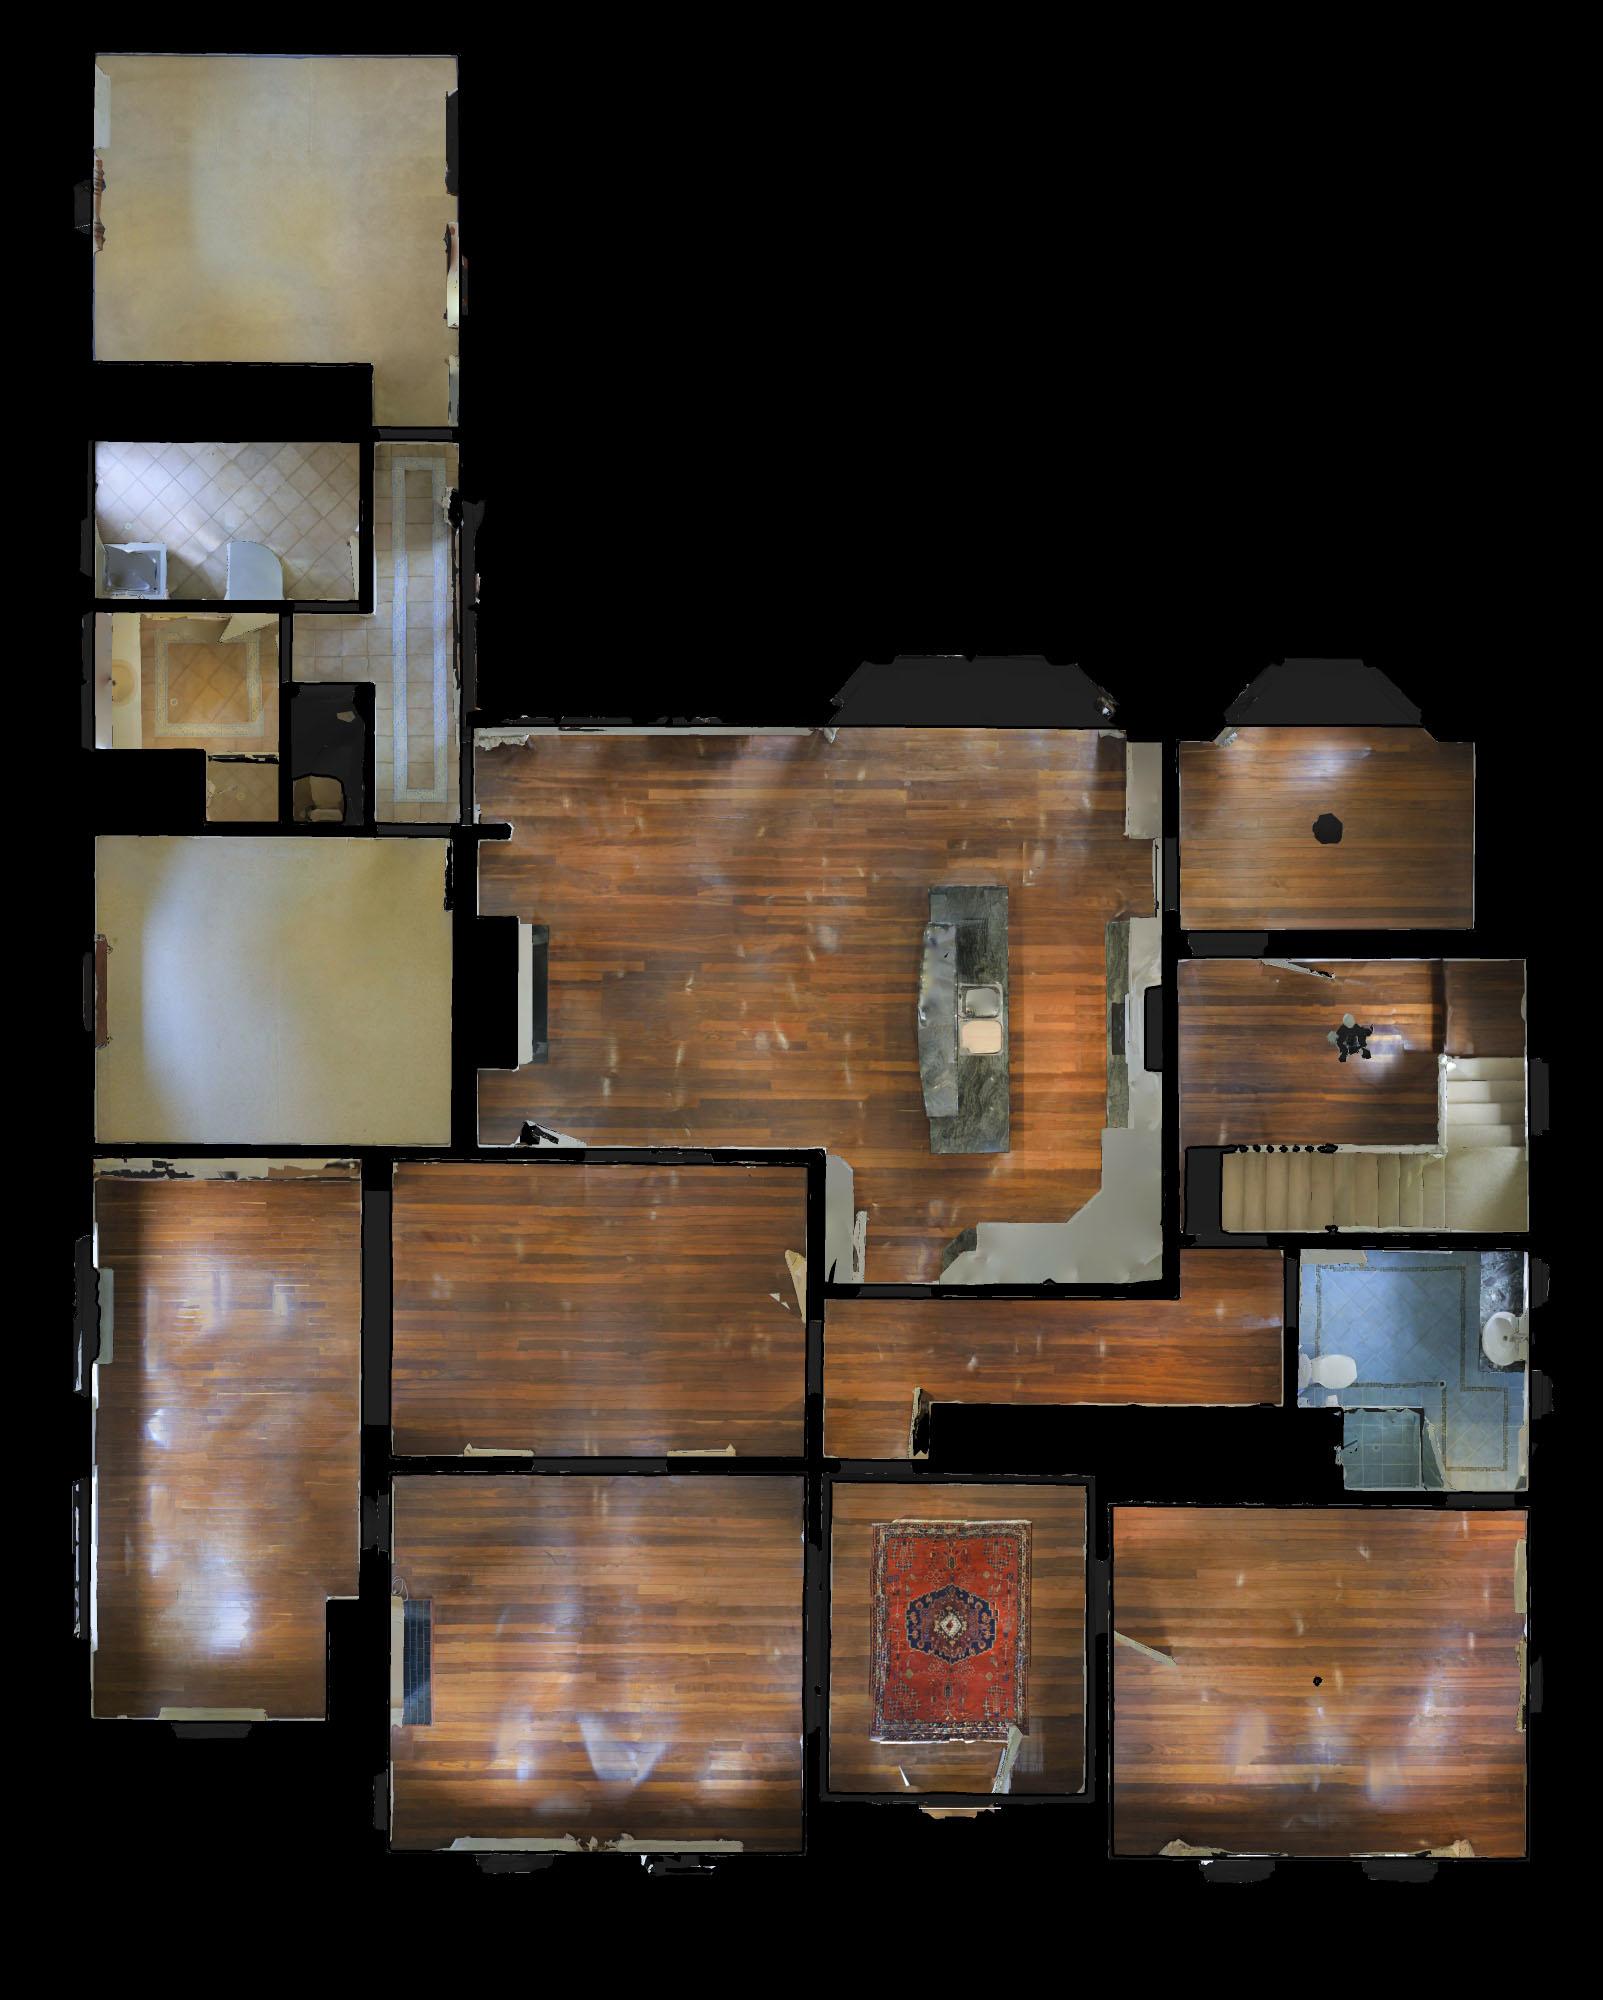 Intérieur de maison hantée